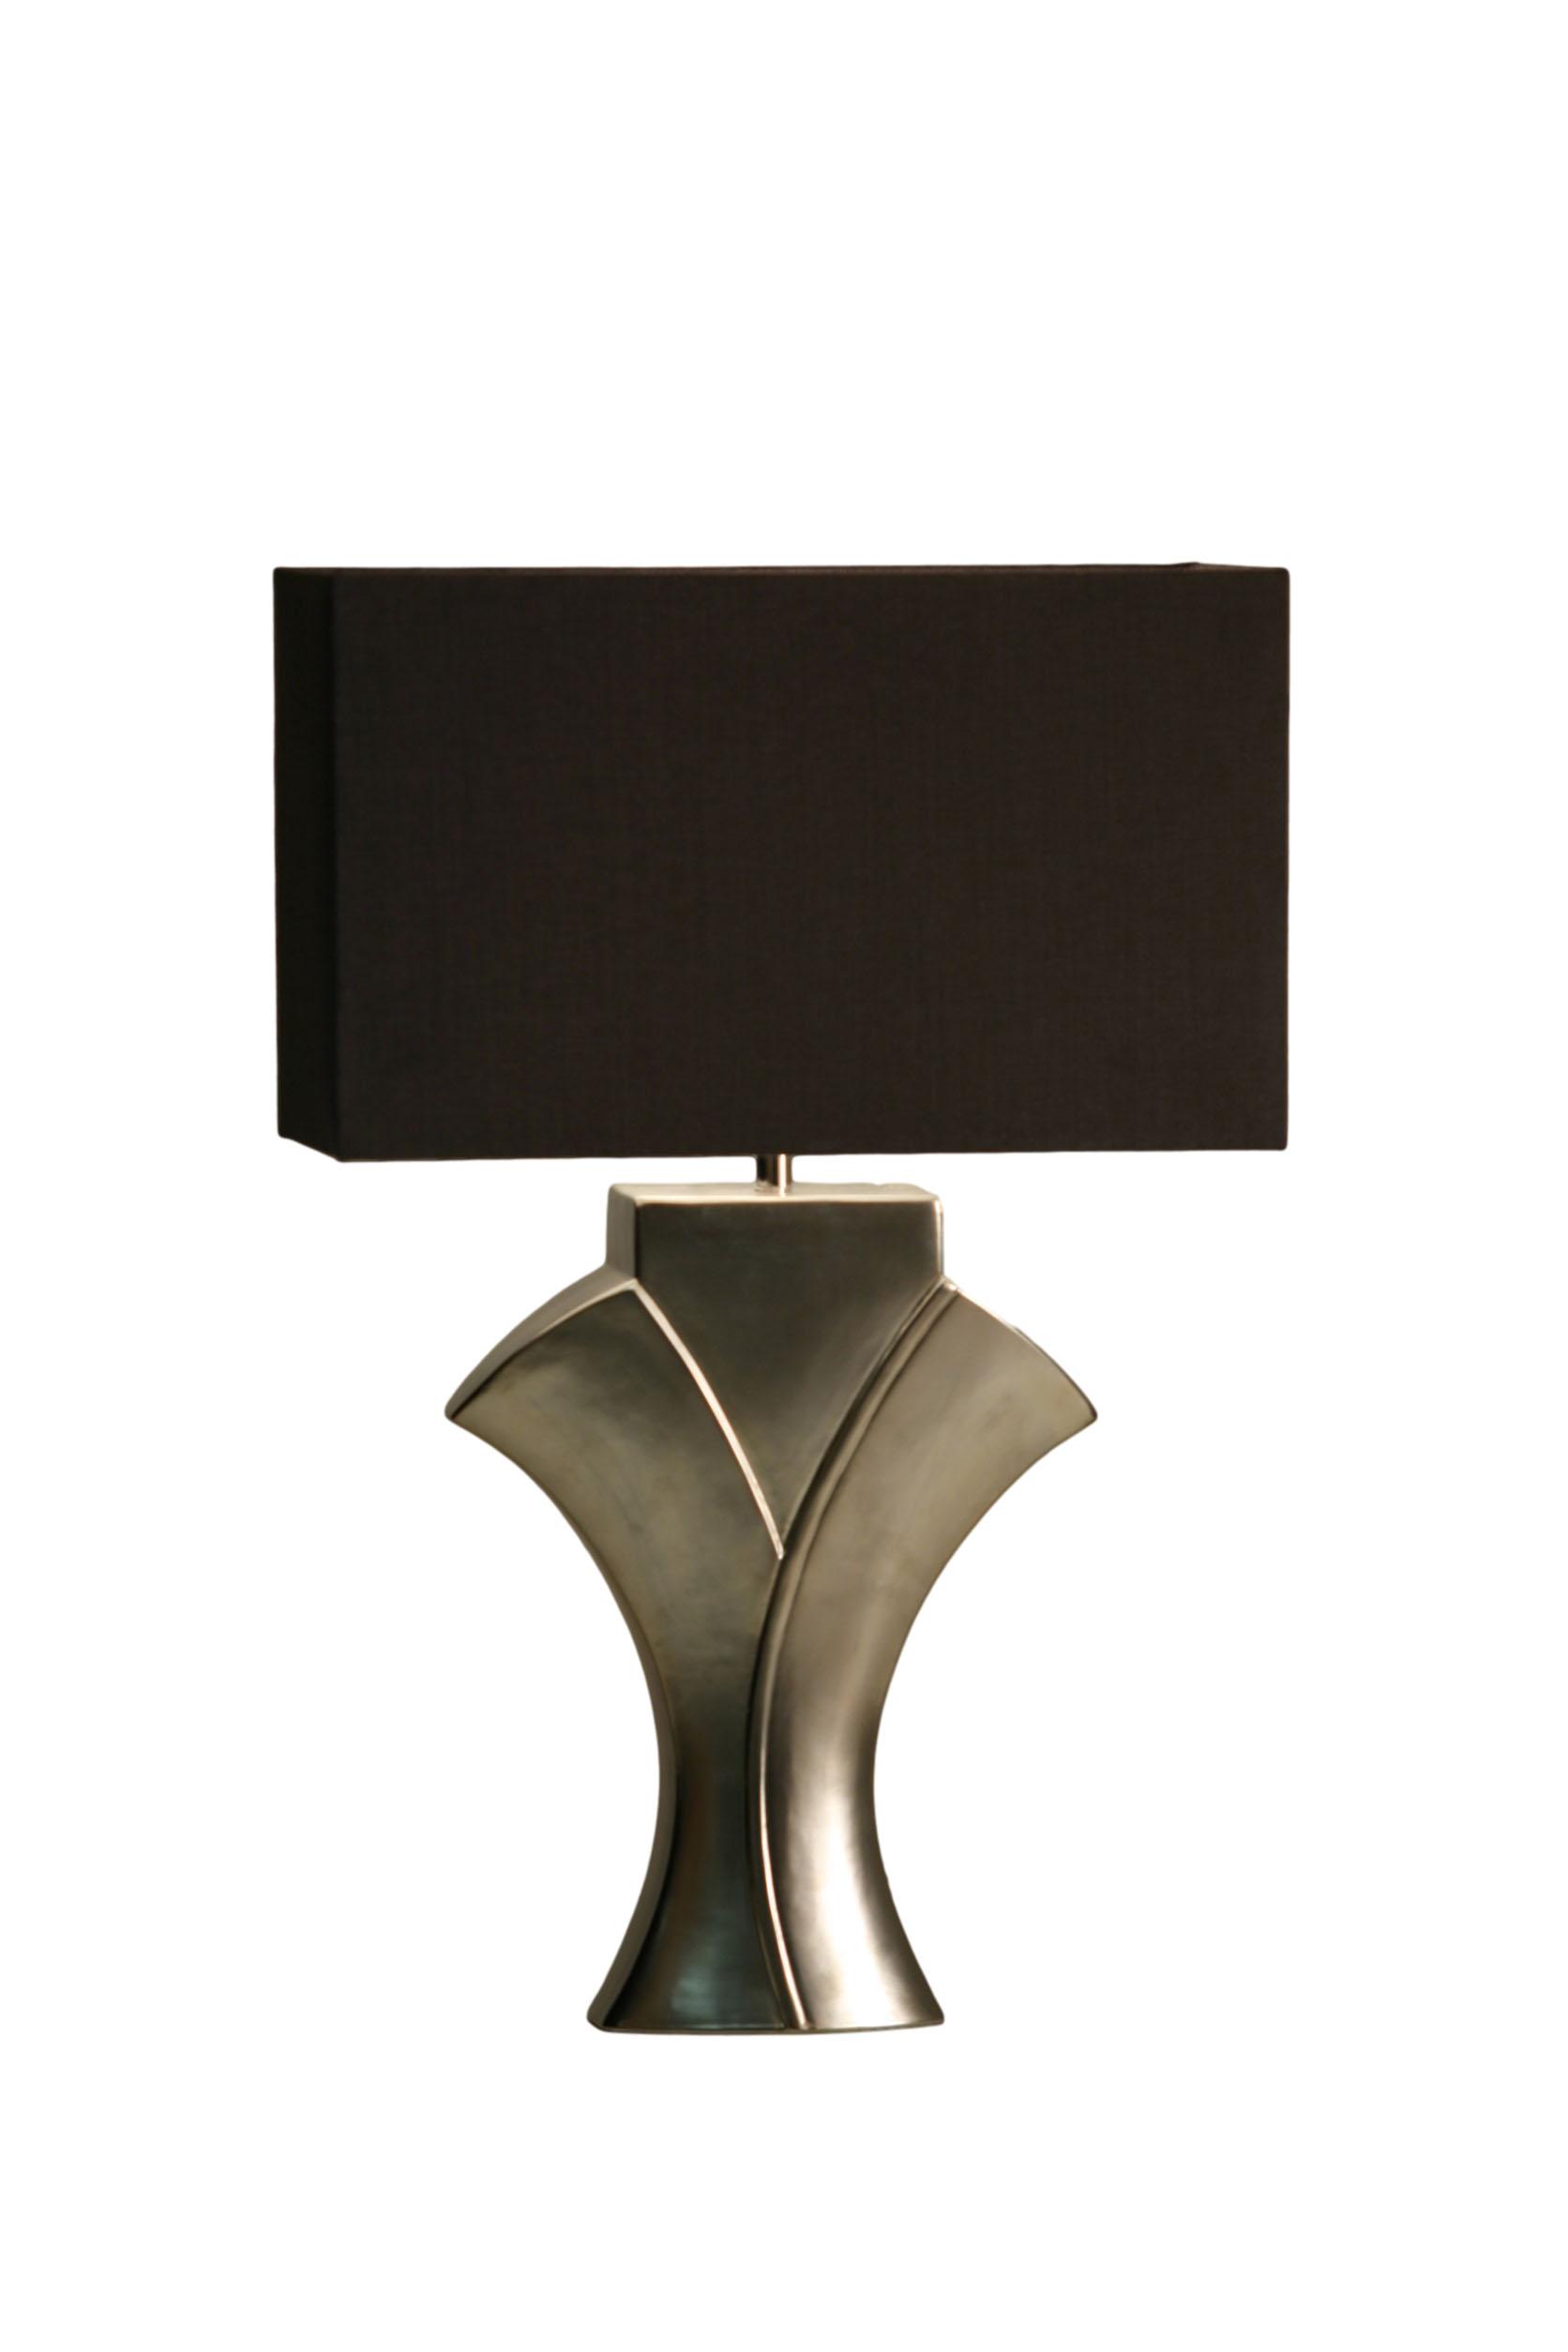 Stout Verlichting Collectie Sfeerfoto Tafellamp